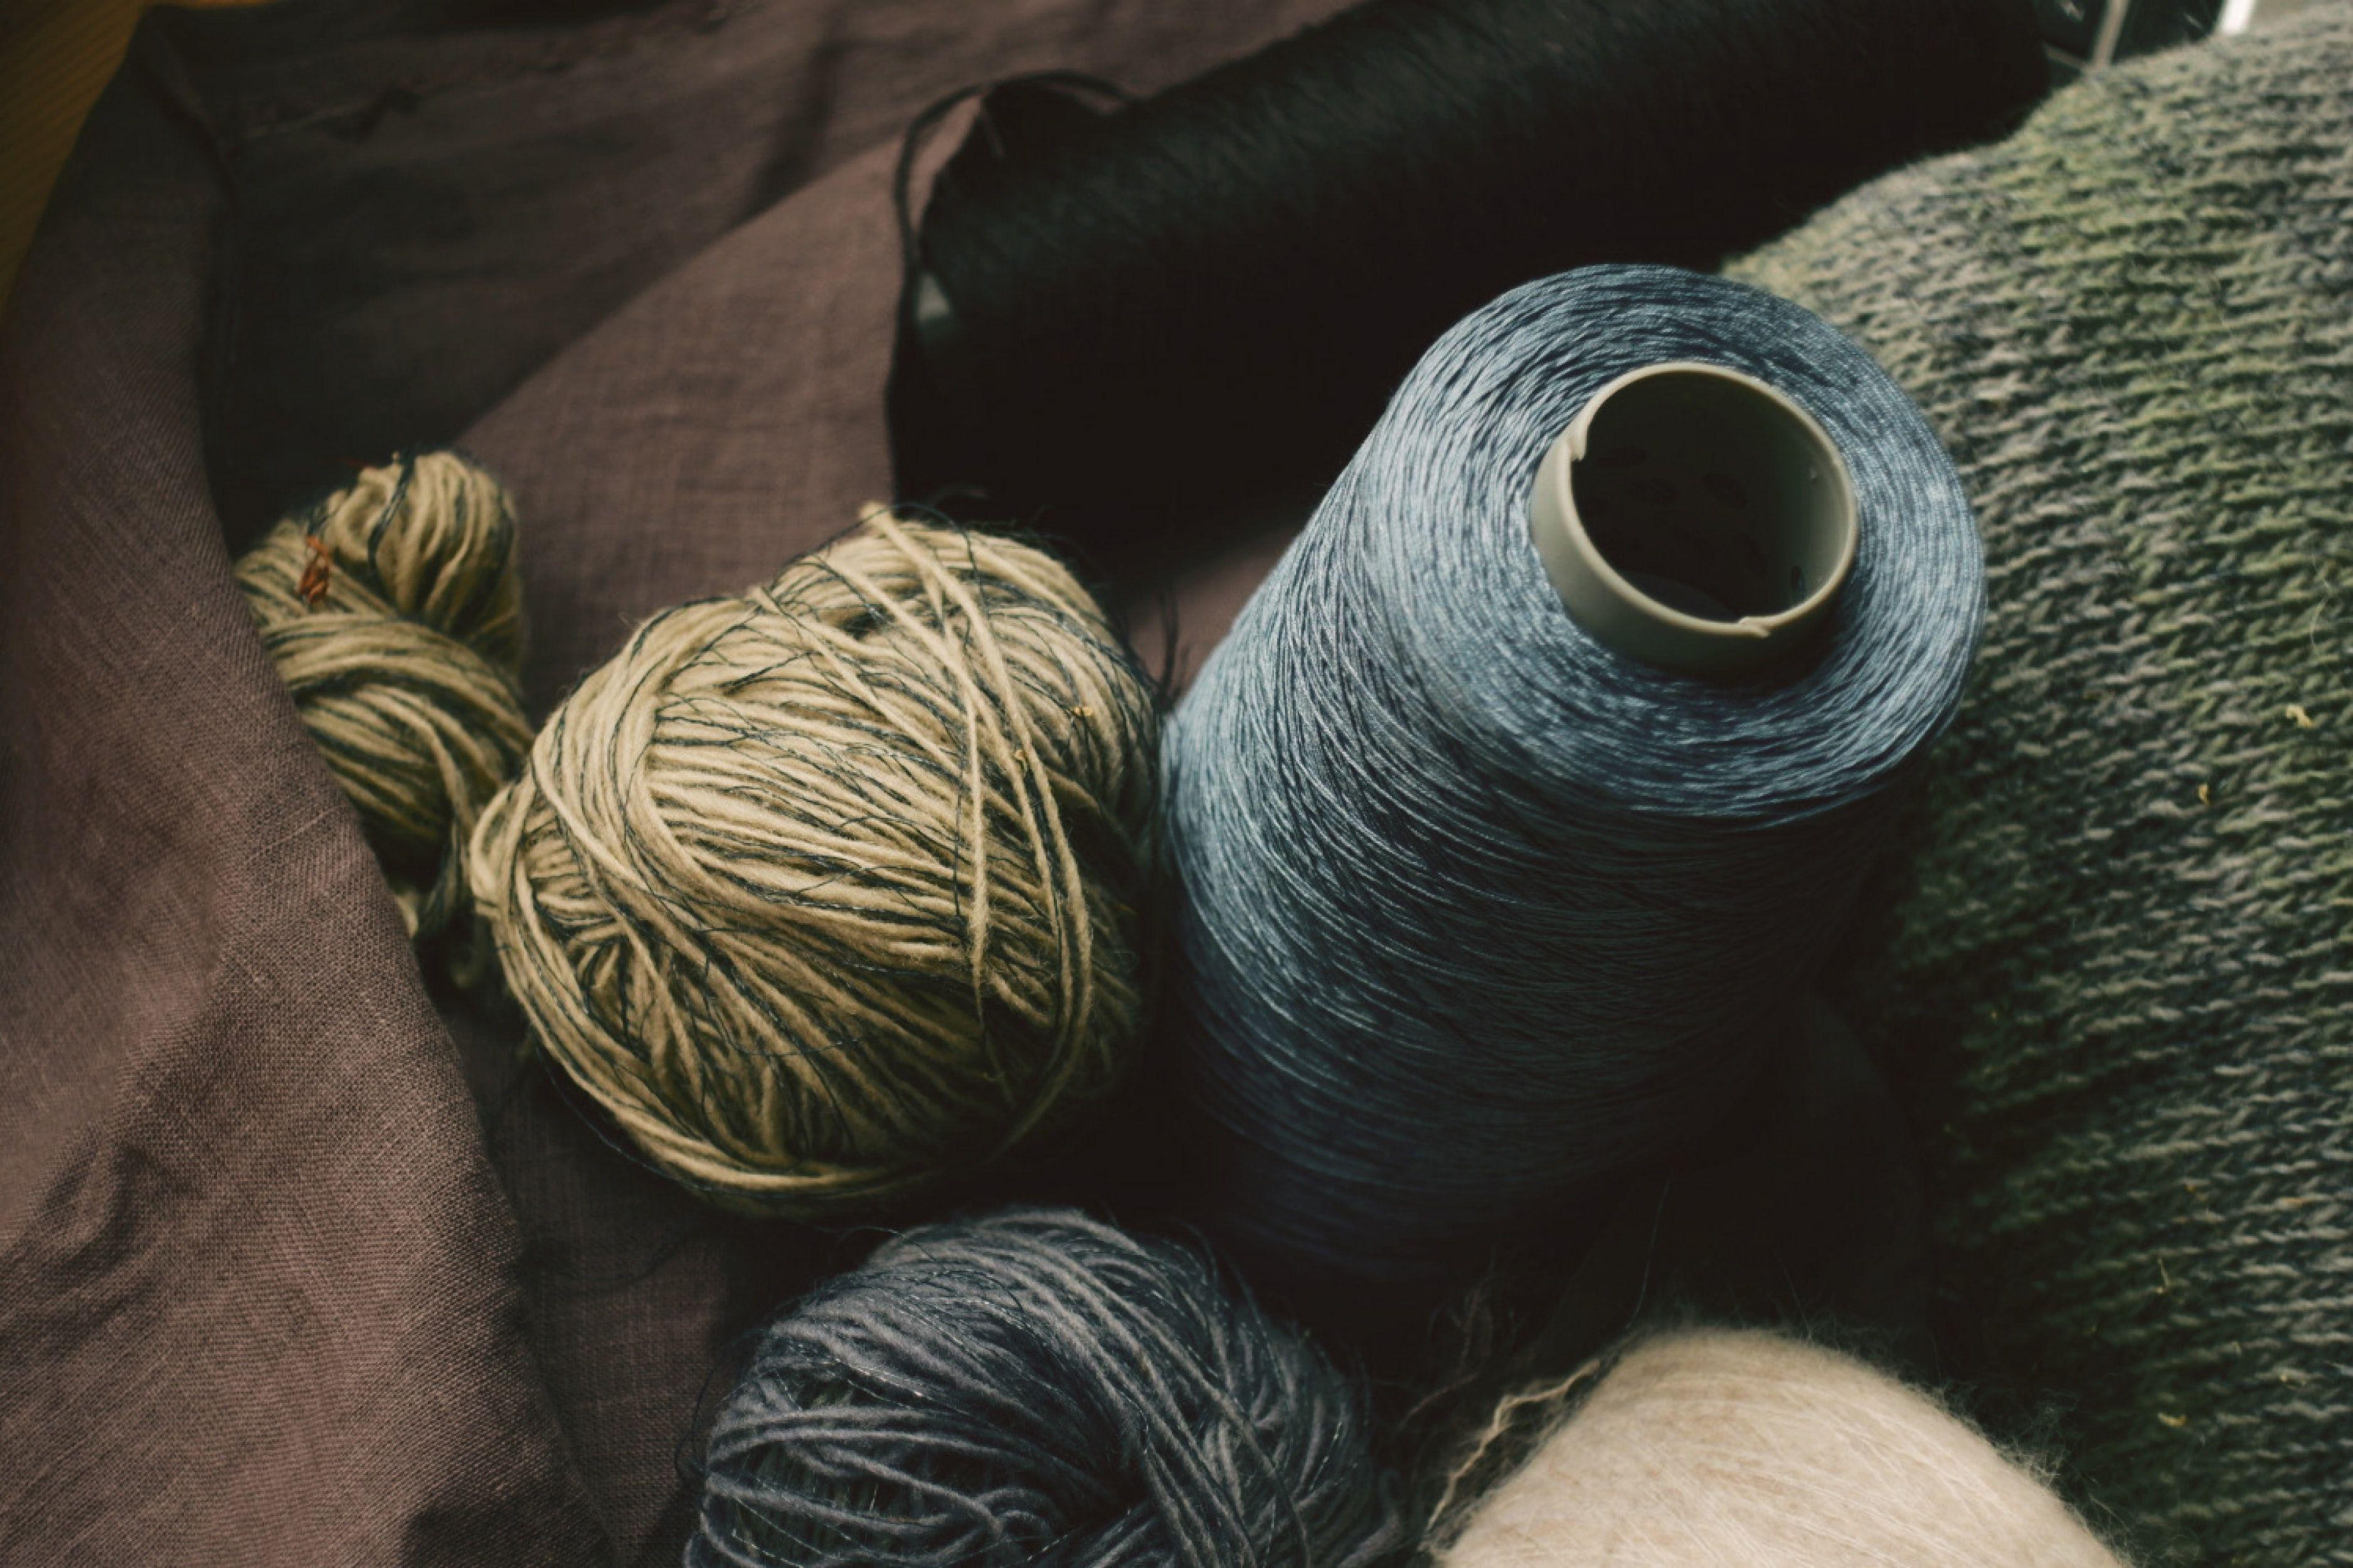 Caja con ovillos y madejas de lana